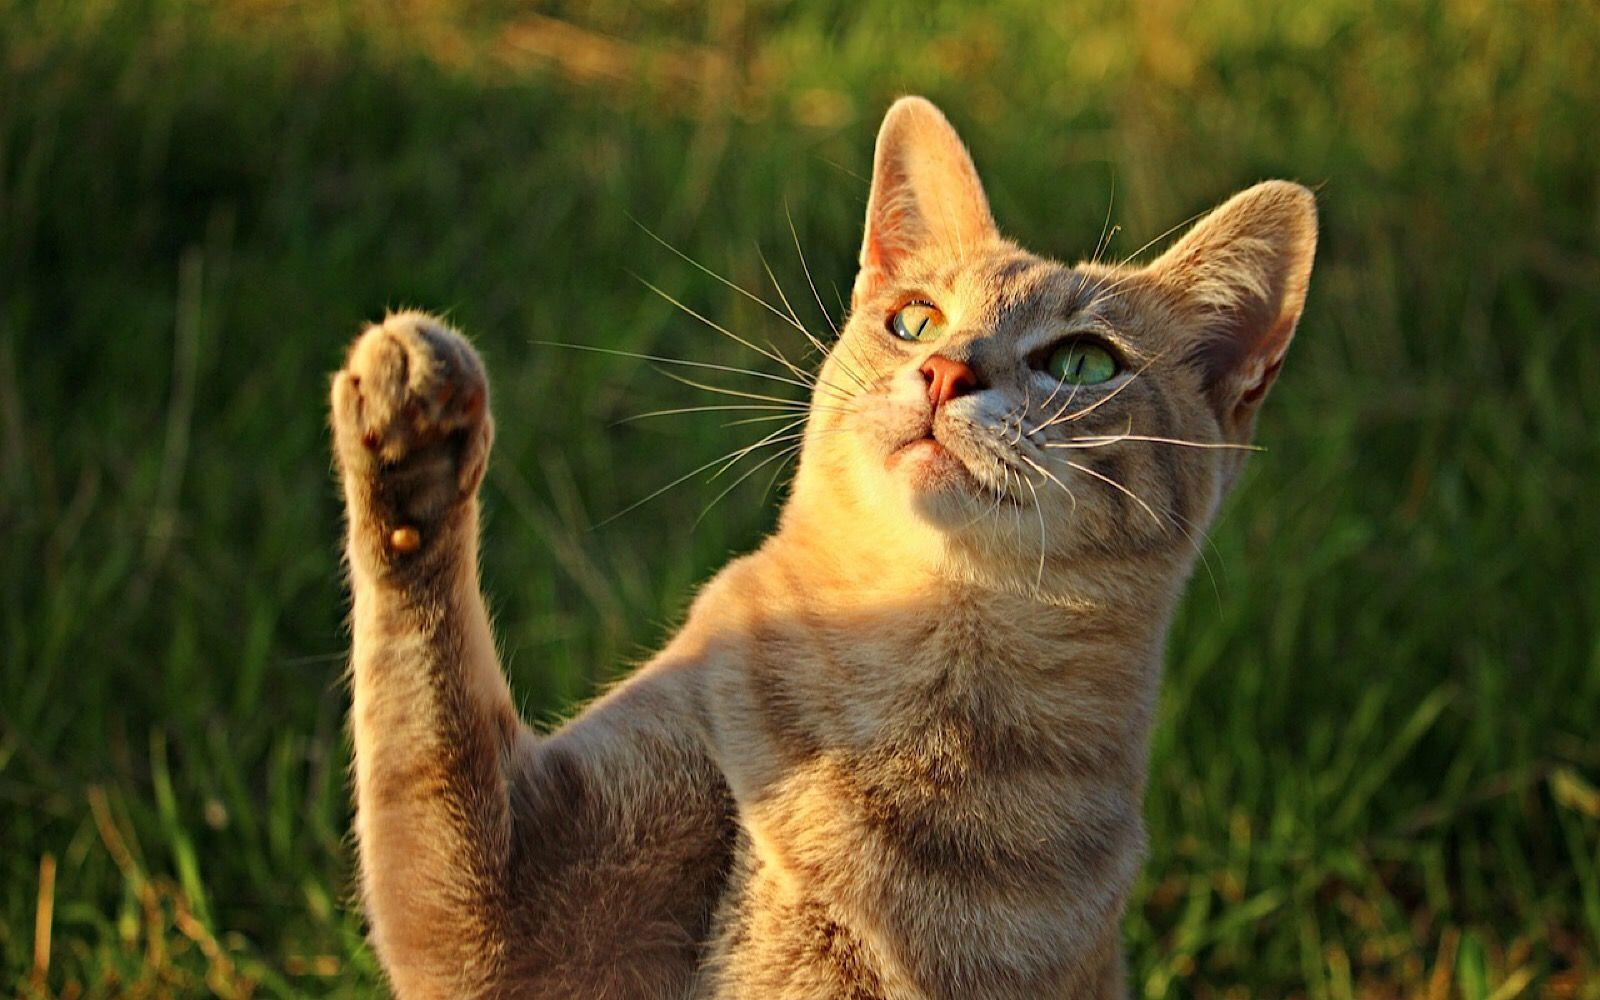 Кошки делятся на правшей и левшей по половому признаку